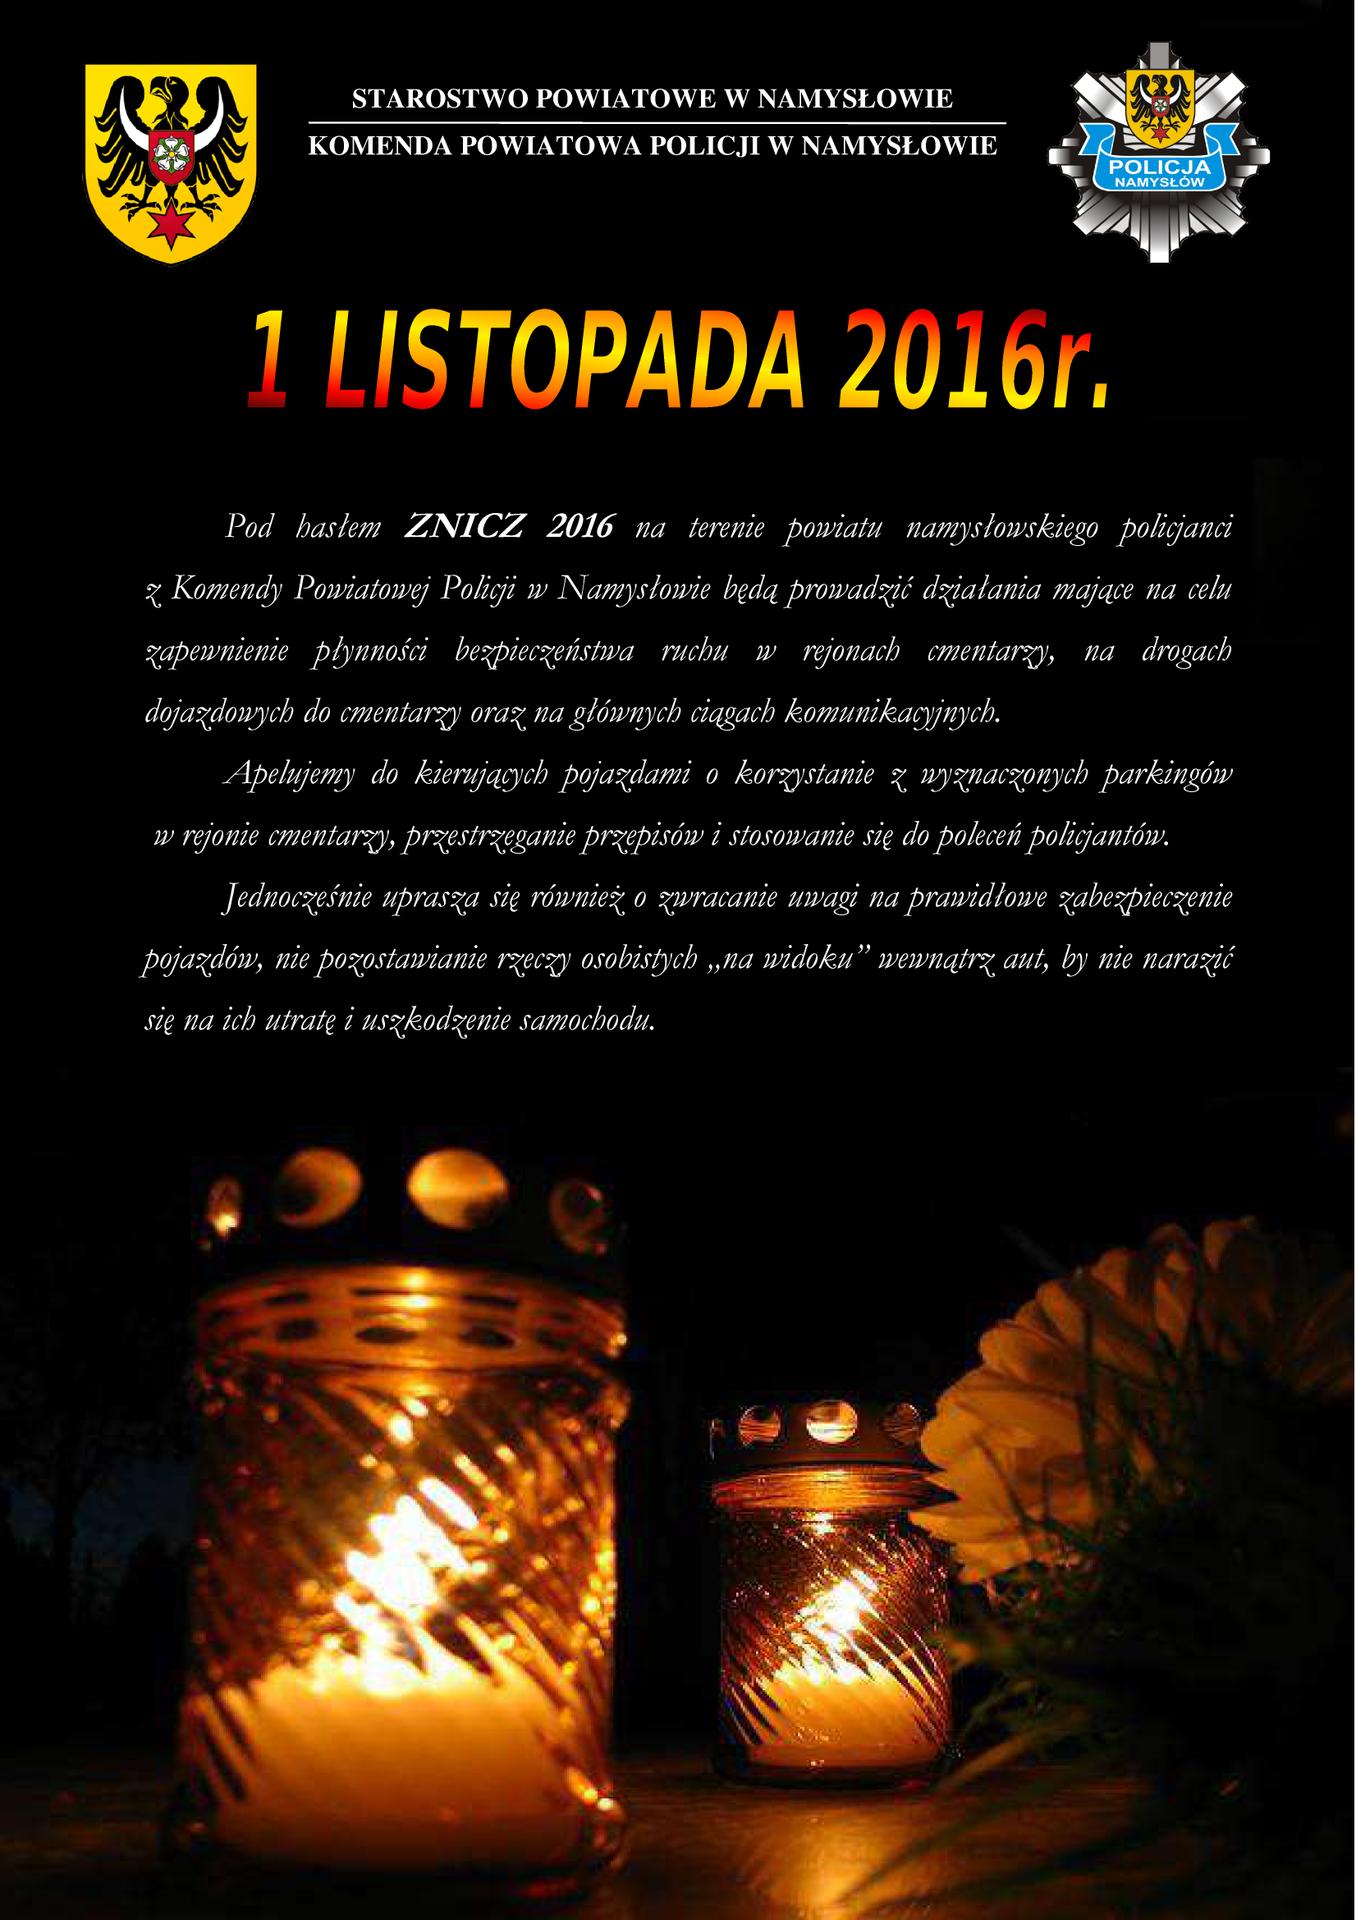 1_LISTOPADA__2016_-_ulotka-1.jpeg